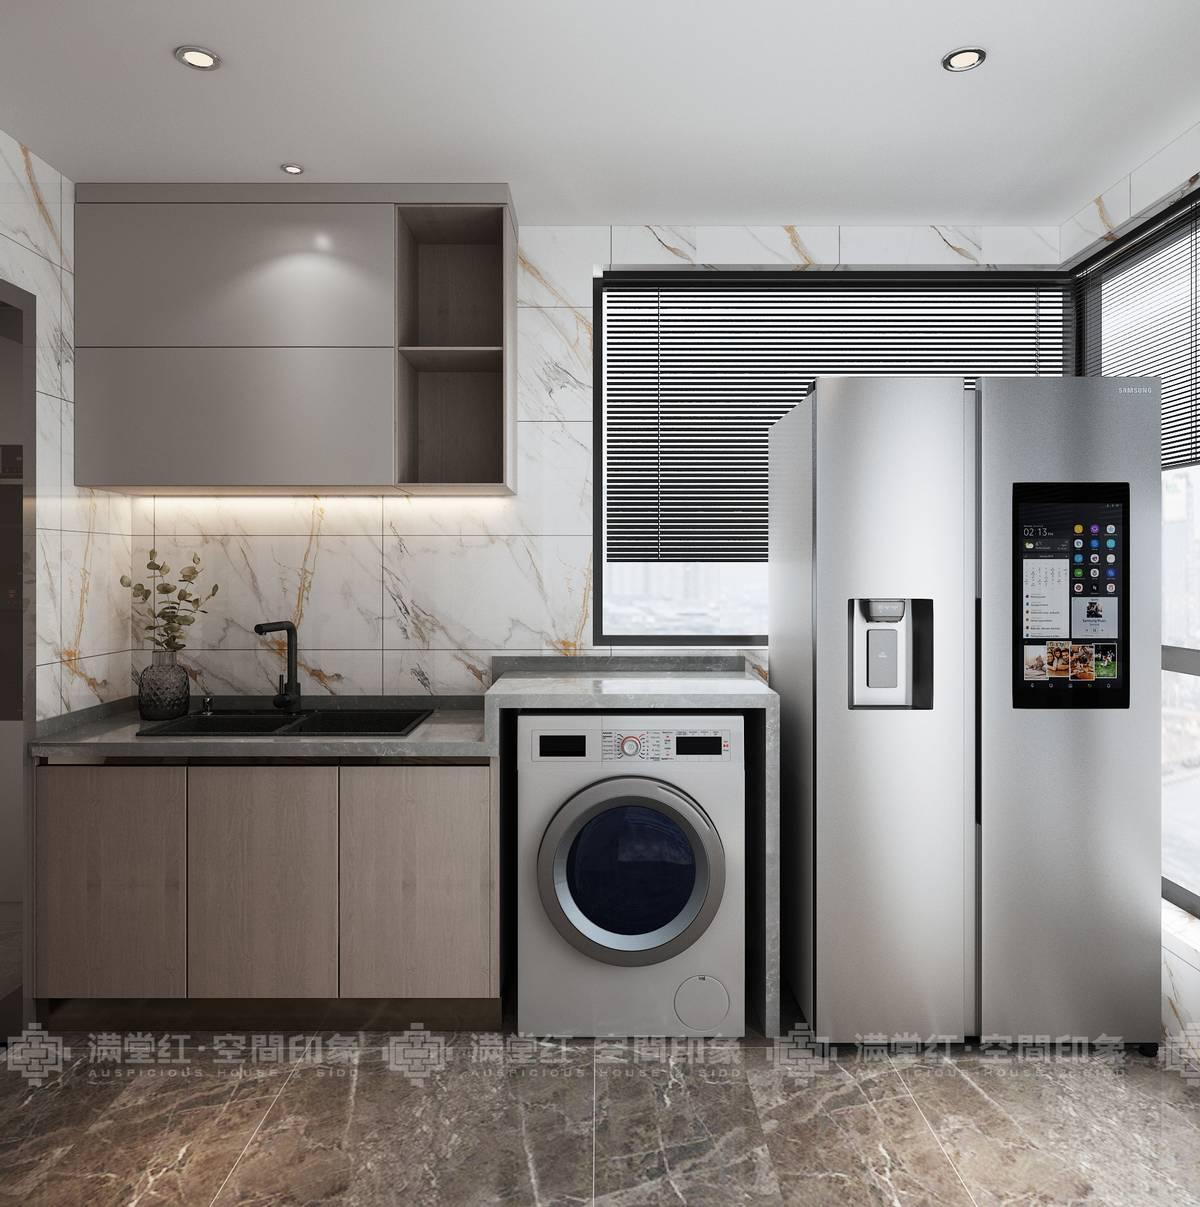 厨房冰箱摆放的位置与注意事项,小小知识你了解多少?快来了解了